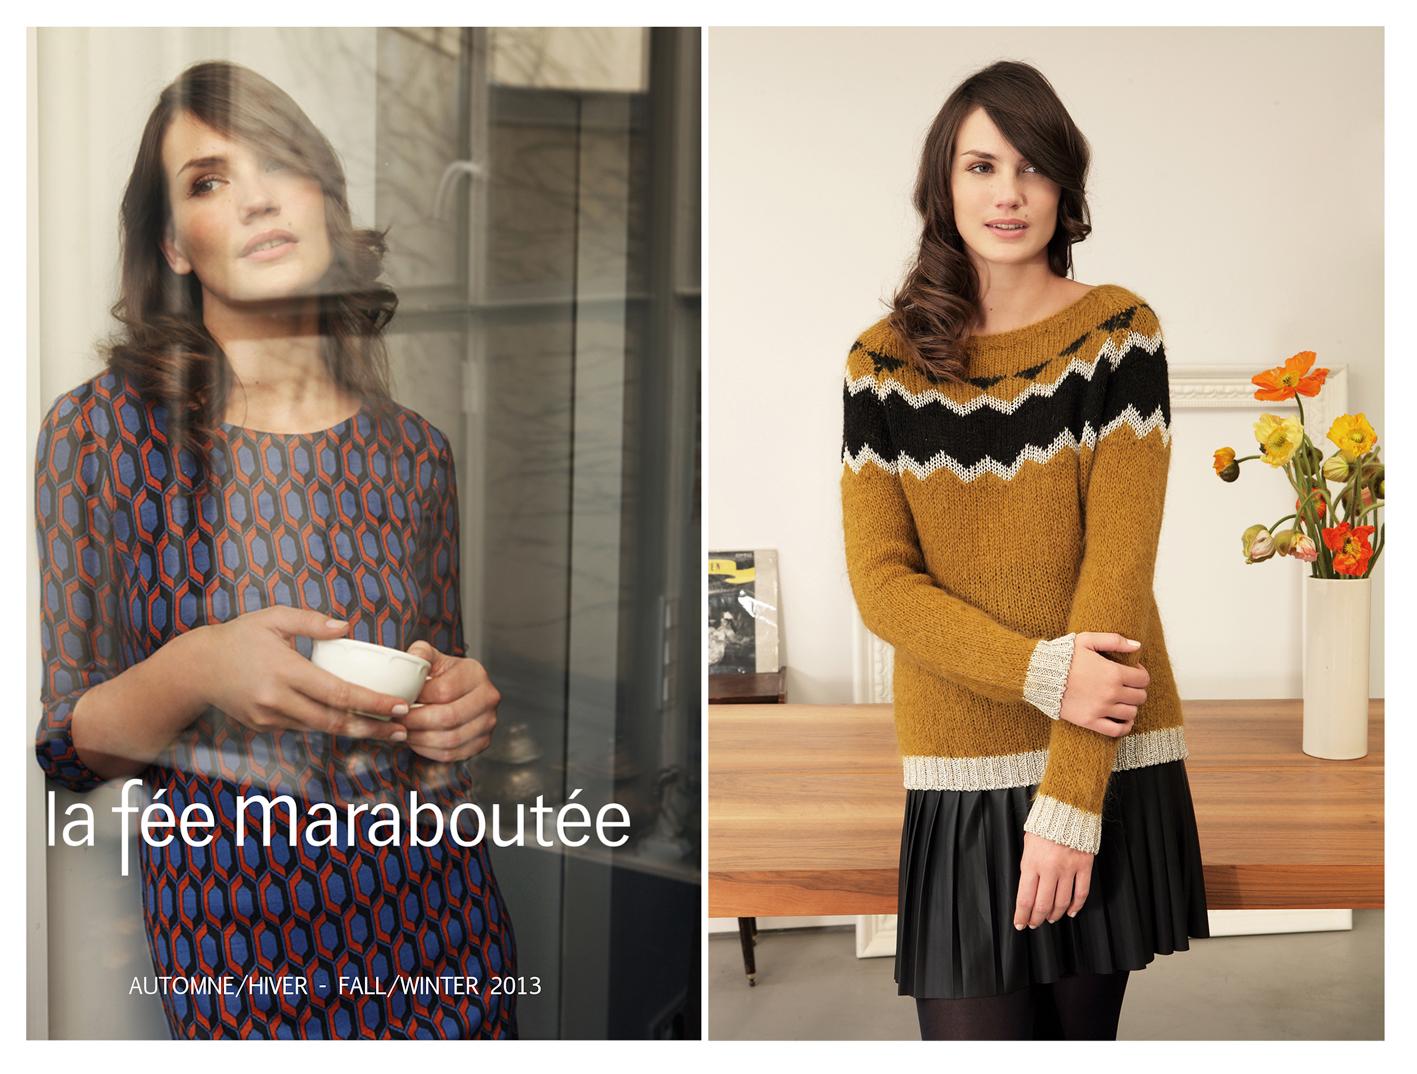 La fée Maraboutée - Collection automne hiver - 2014 - photos mona awad